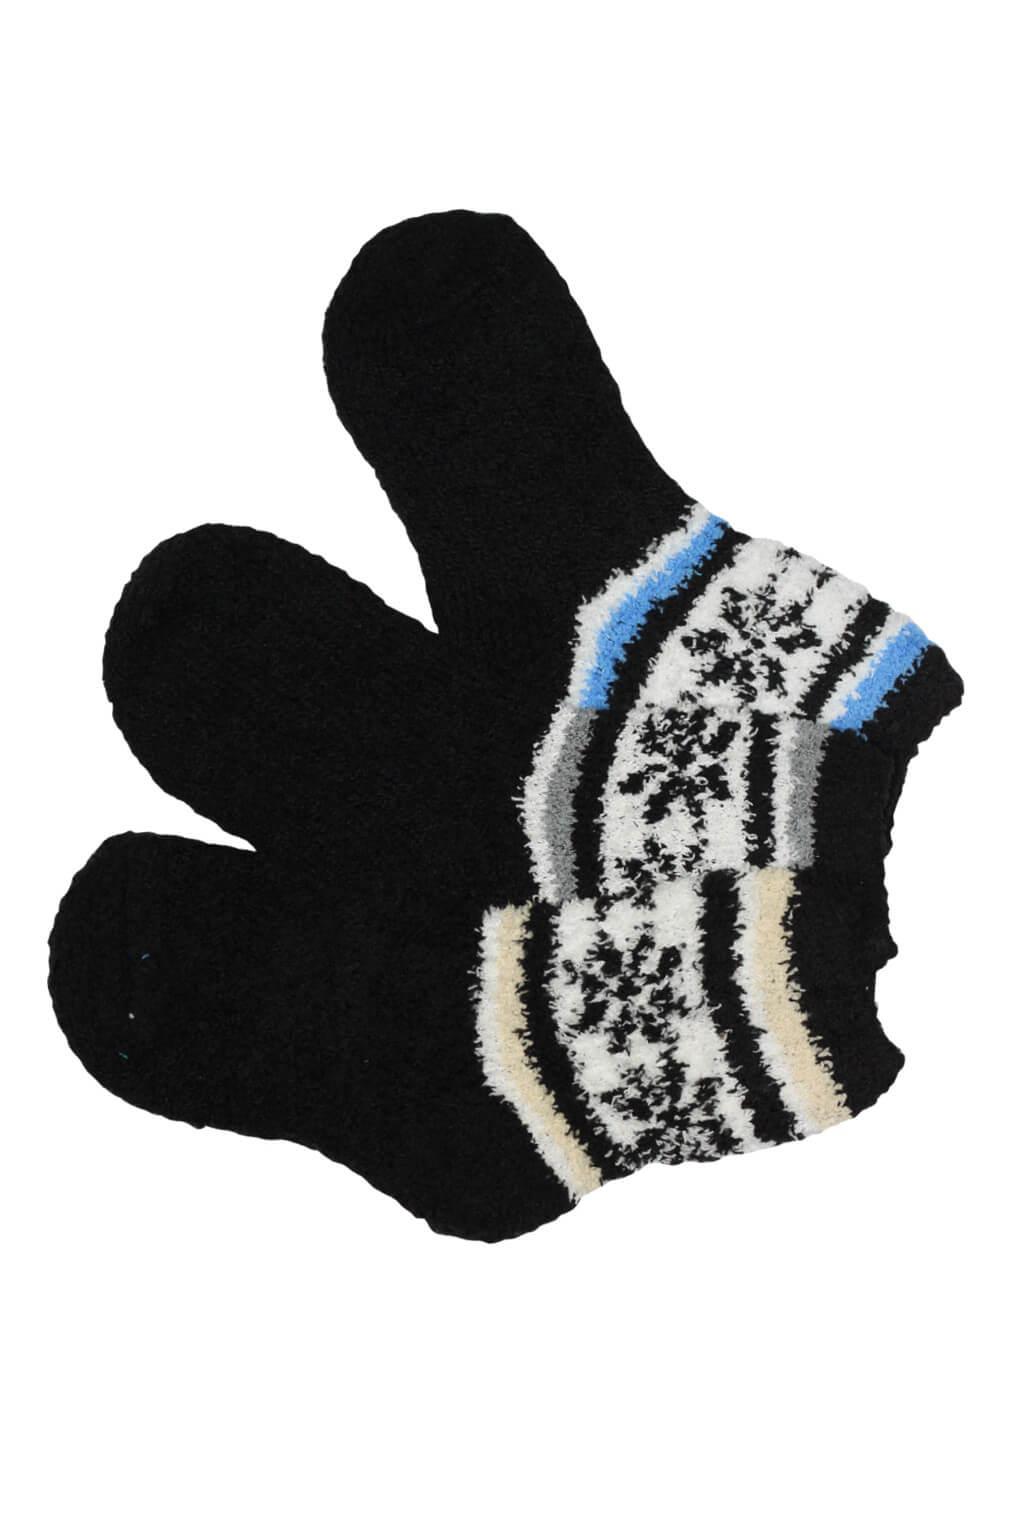 9a010ab7205 Detske chlupate ponozky 3 pary mix 35 38